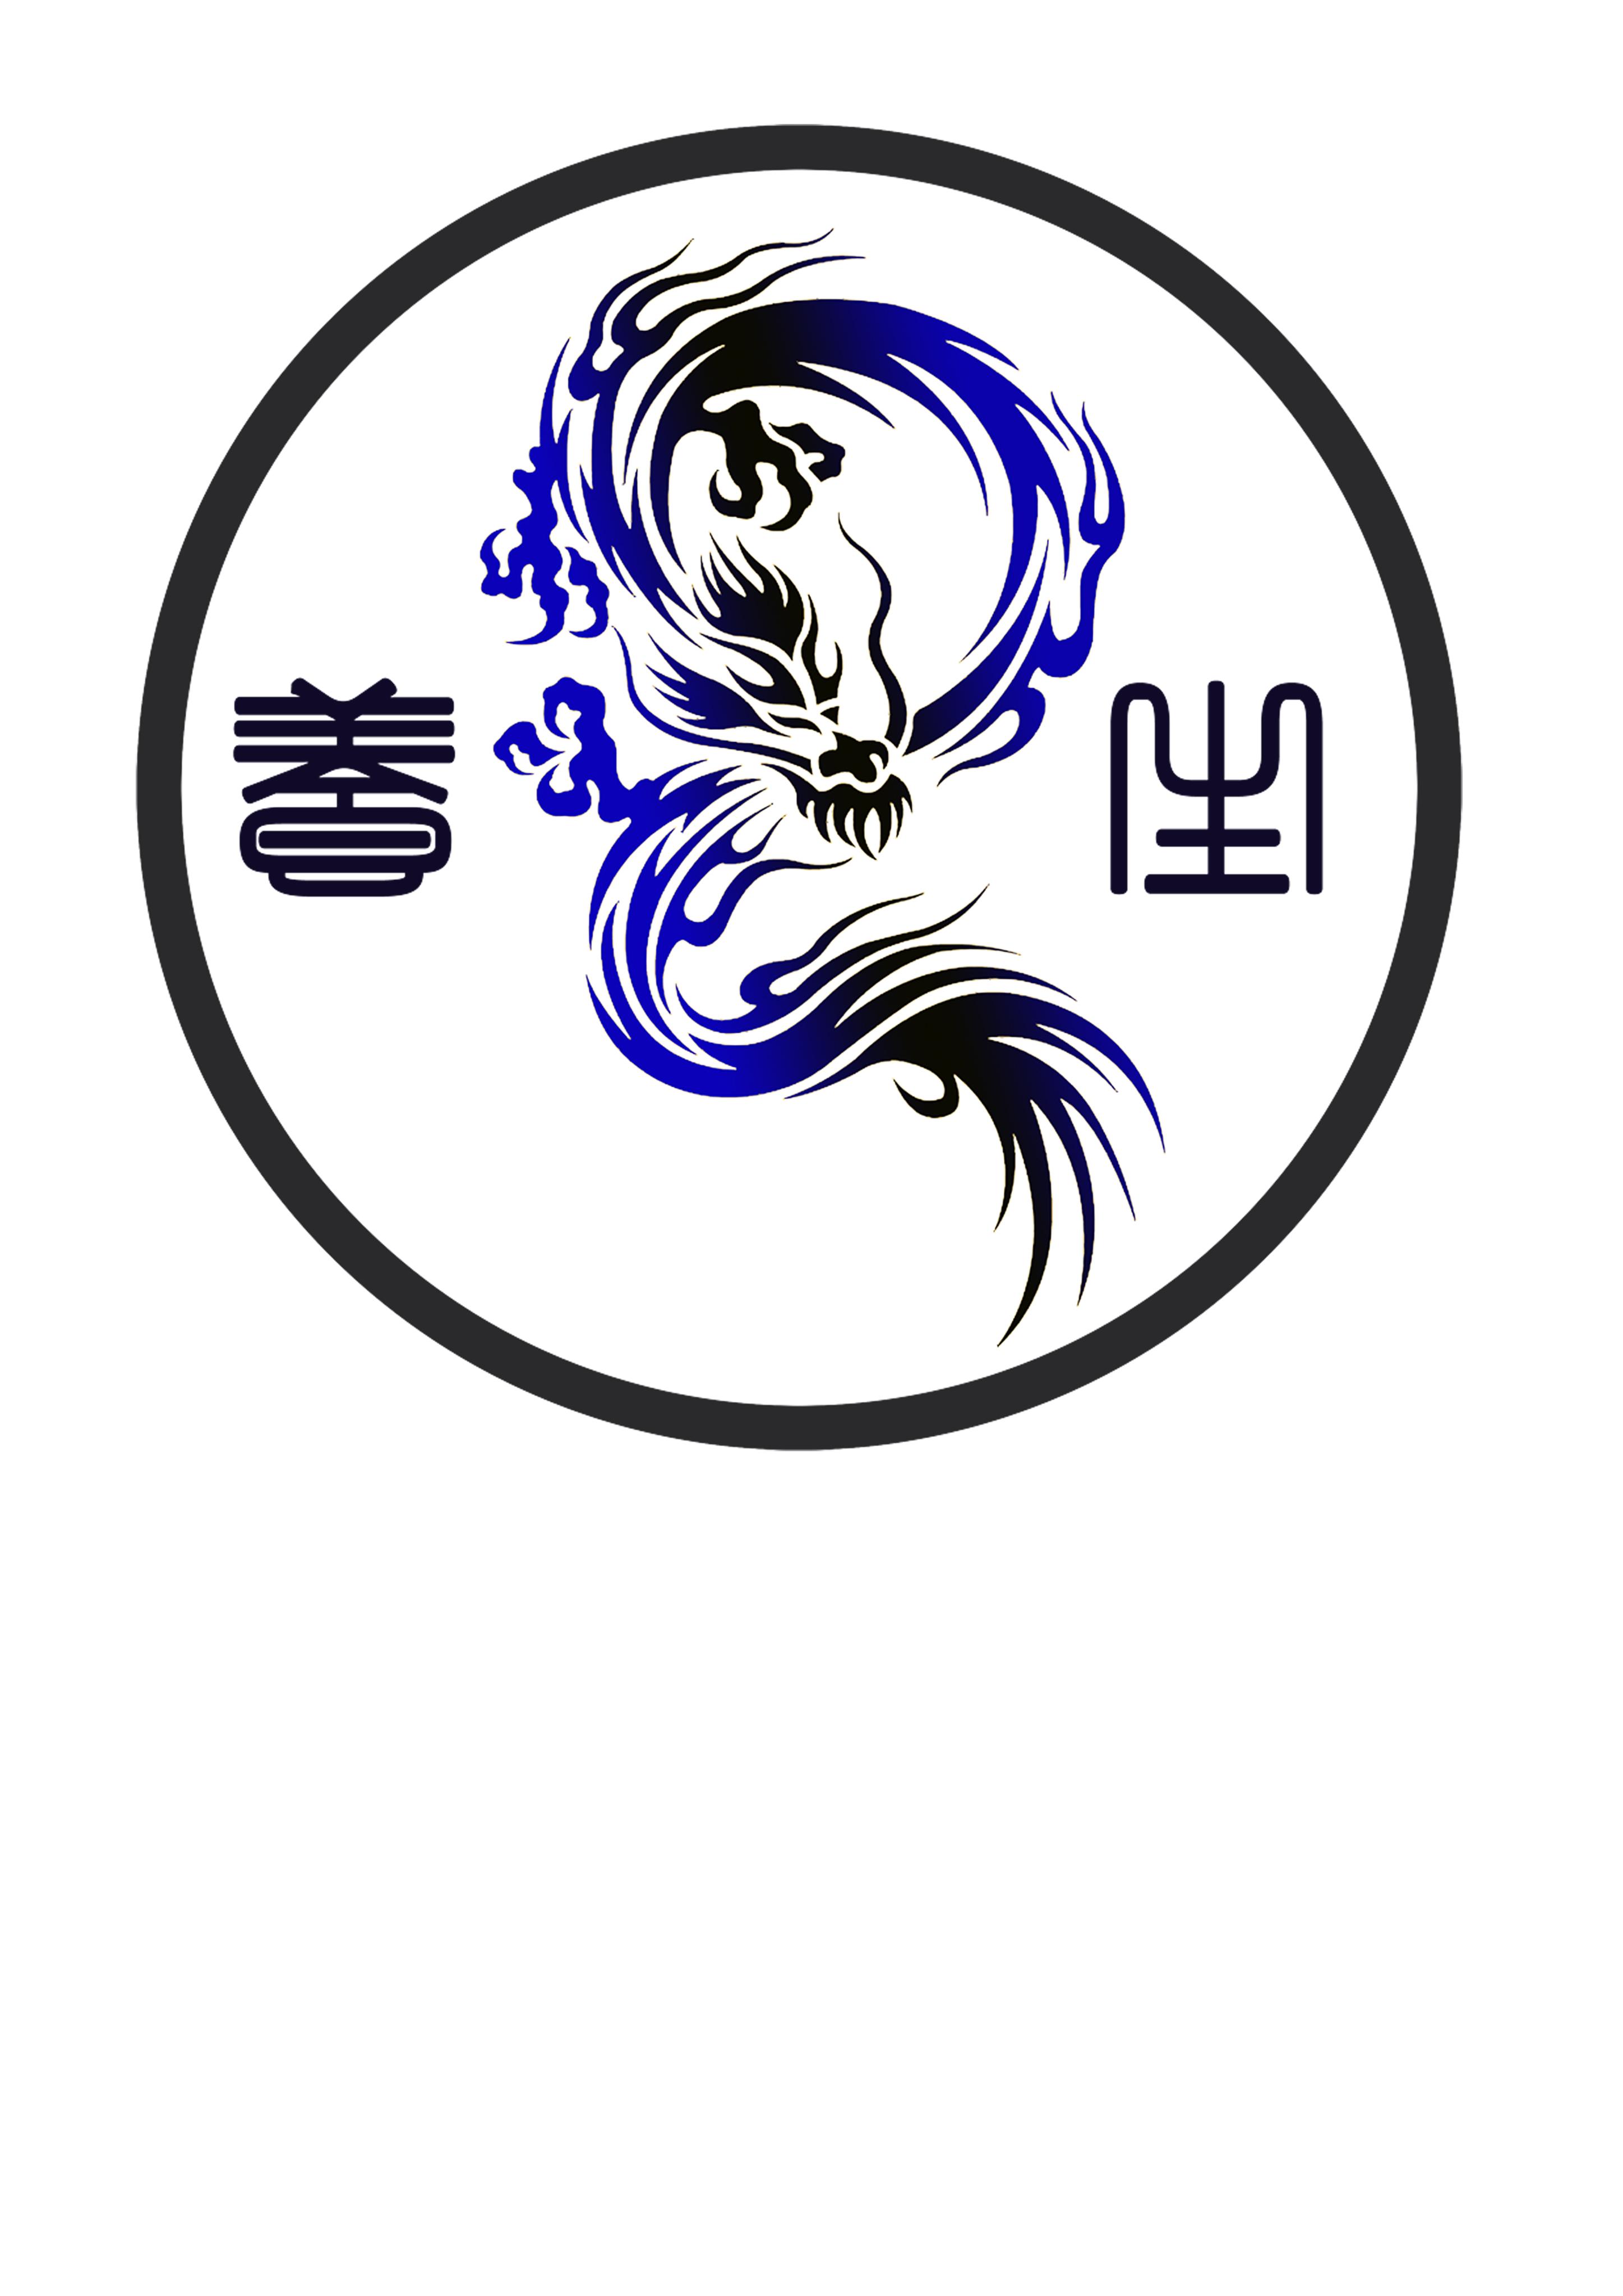 某瑶族养生酒征集瓶身图案花纹设计